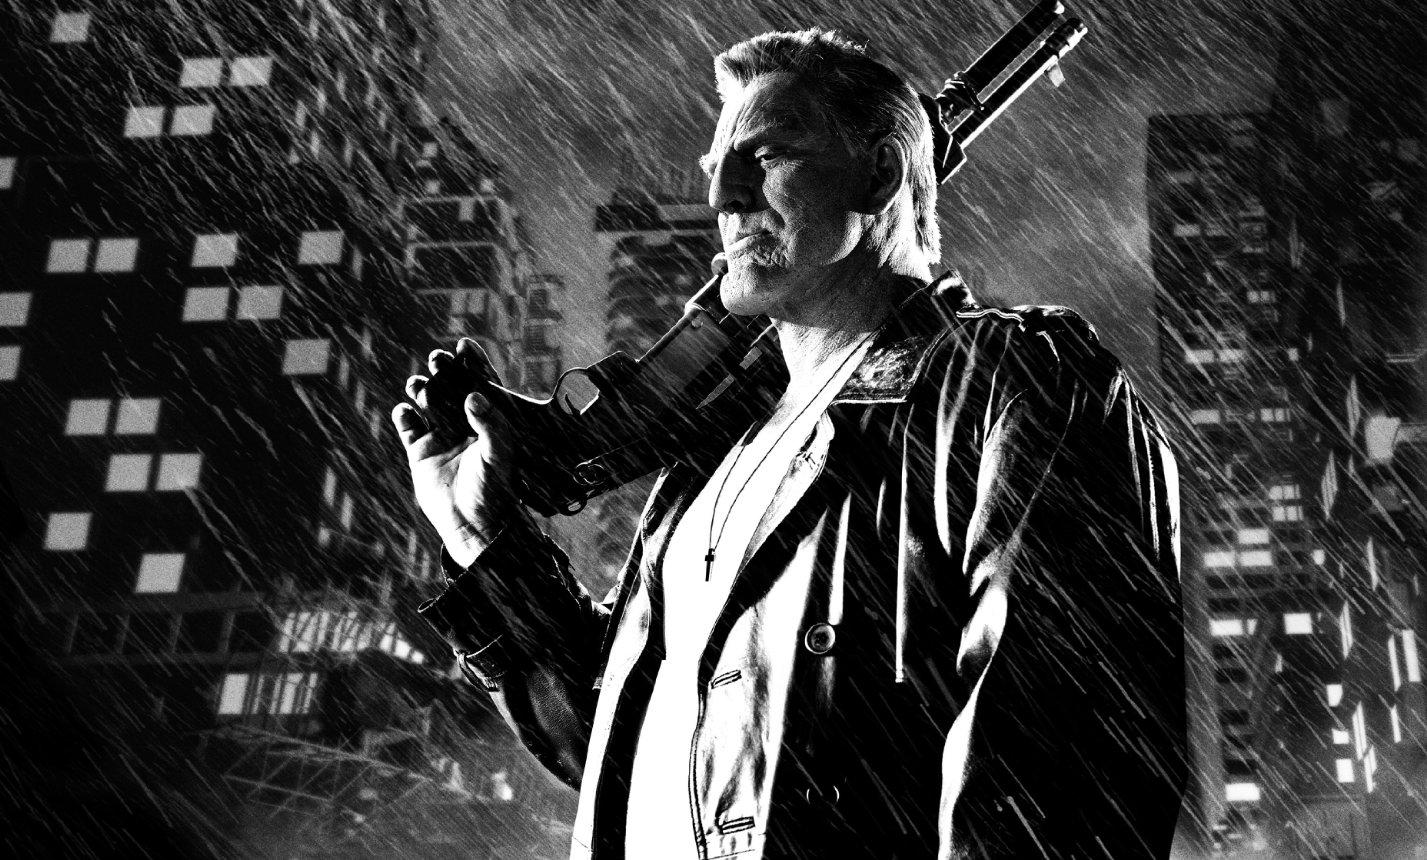 """Erster langer Trailer zum Sequel """"Sin City 2"""" mit Josh Brolin und Eva Green"""